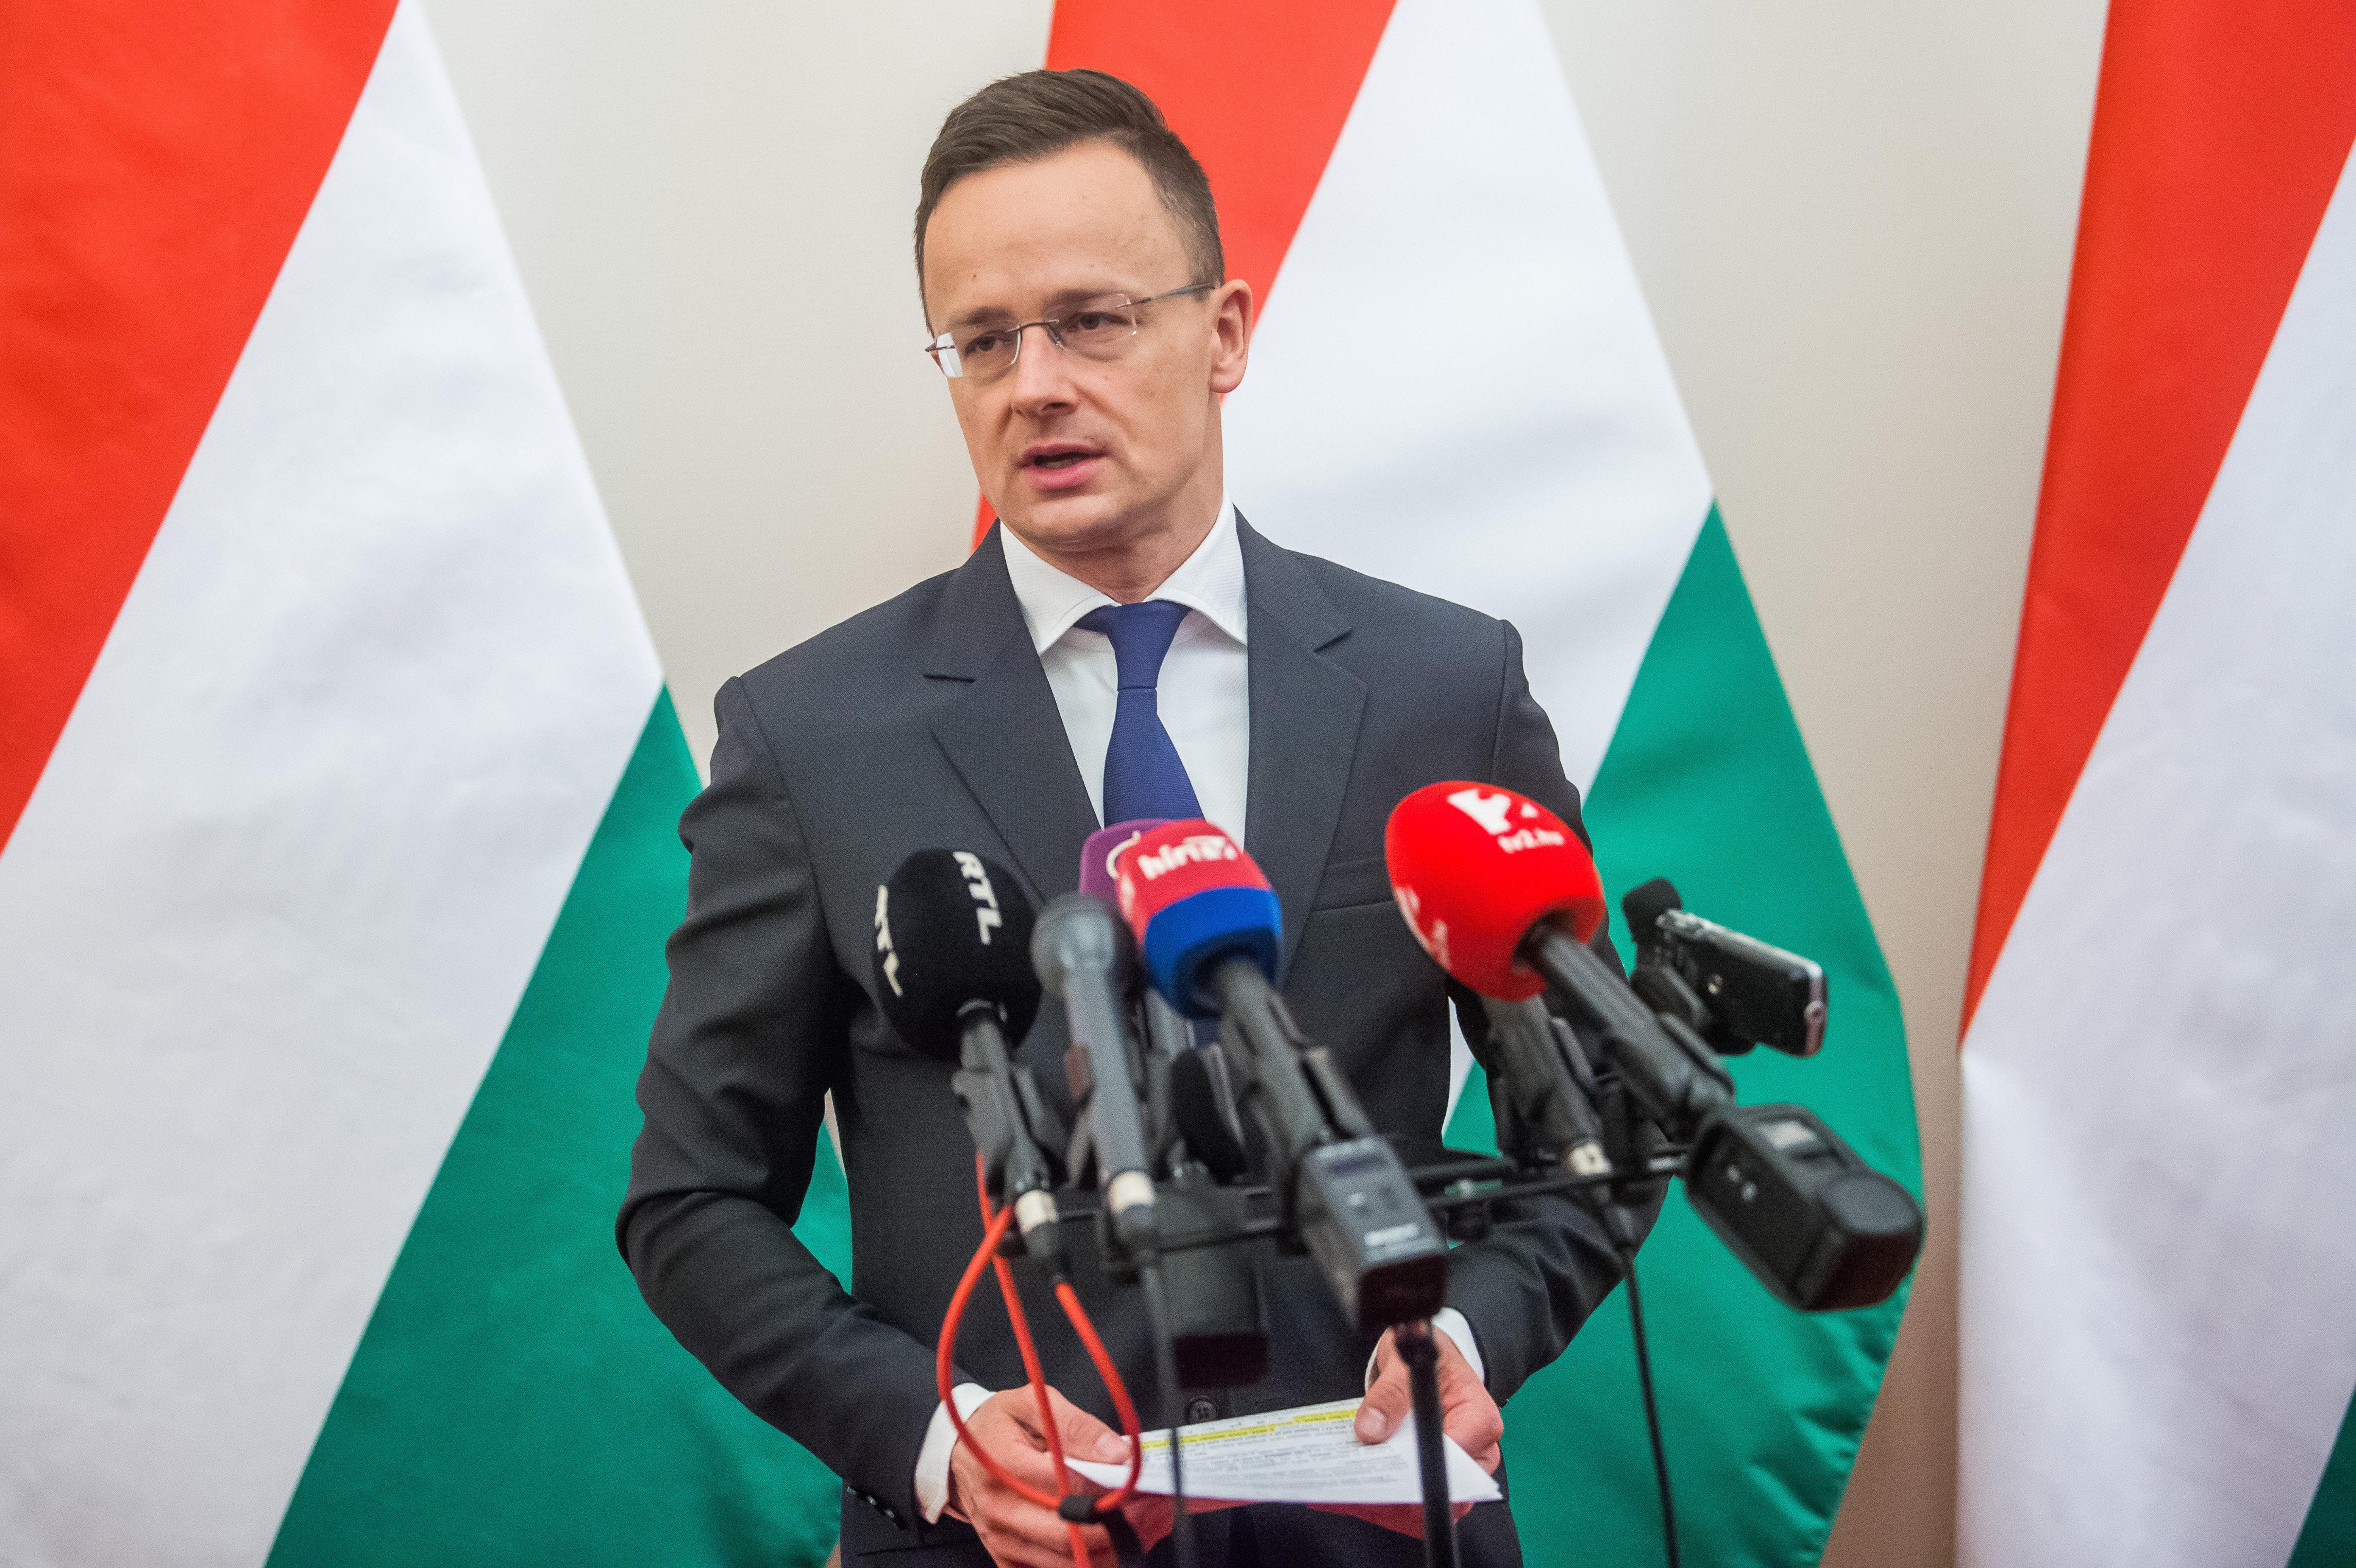 Az ukrán miniszter nem tartja megvalósíthatónak Szijjártó ötleteit a magyar nyelvű oktatásról